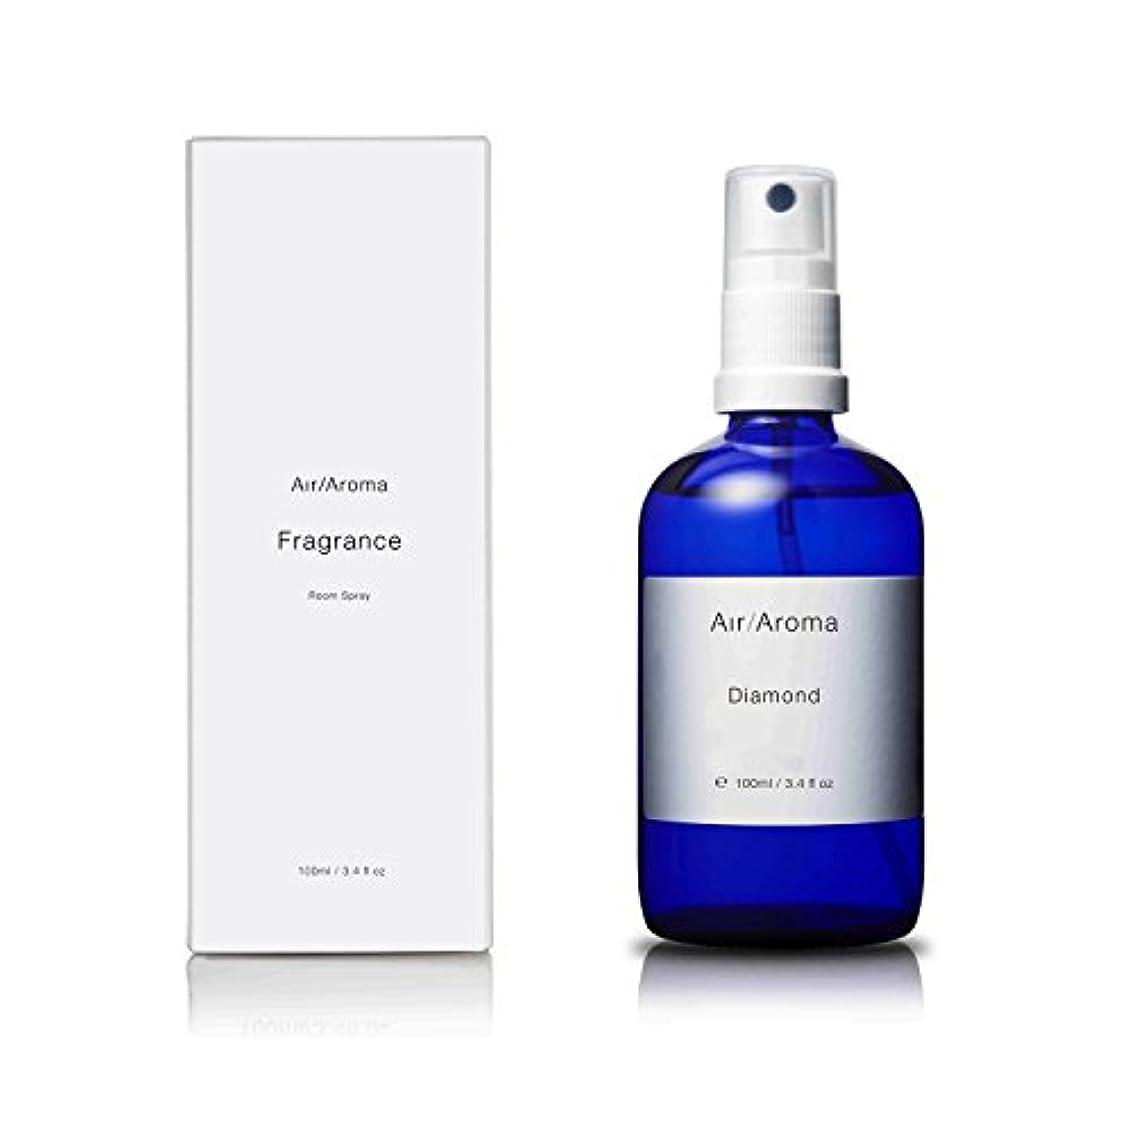 代わりにアカデミック失望させるエアアロマ diamond room fragrance (ダイアモンド ルームフレグランス) 100ml